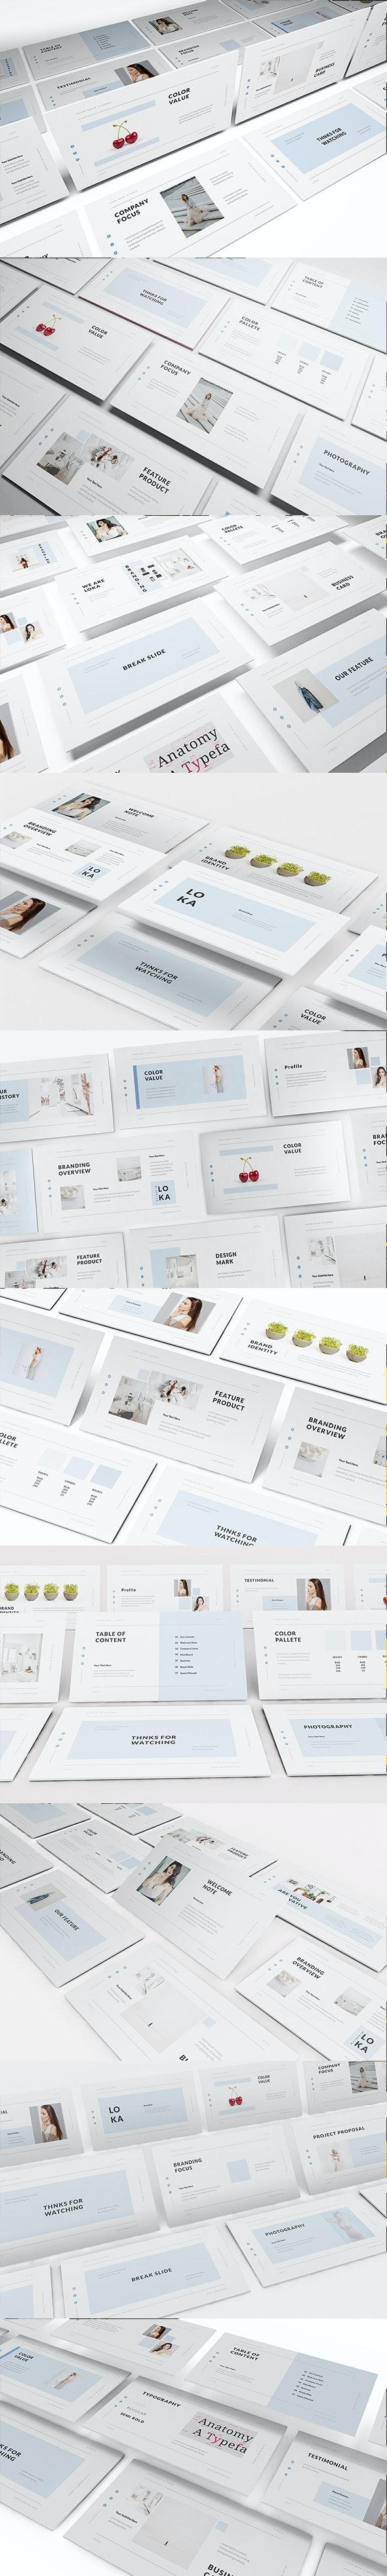 Loka Brand Guideline Google Slides Template - Google Slides Presentation Templates